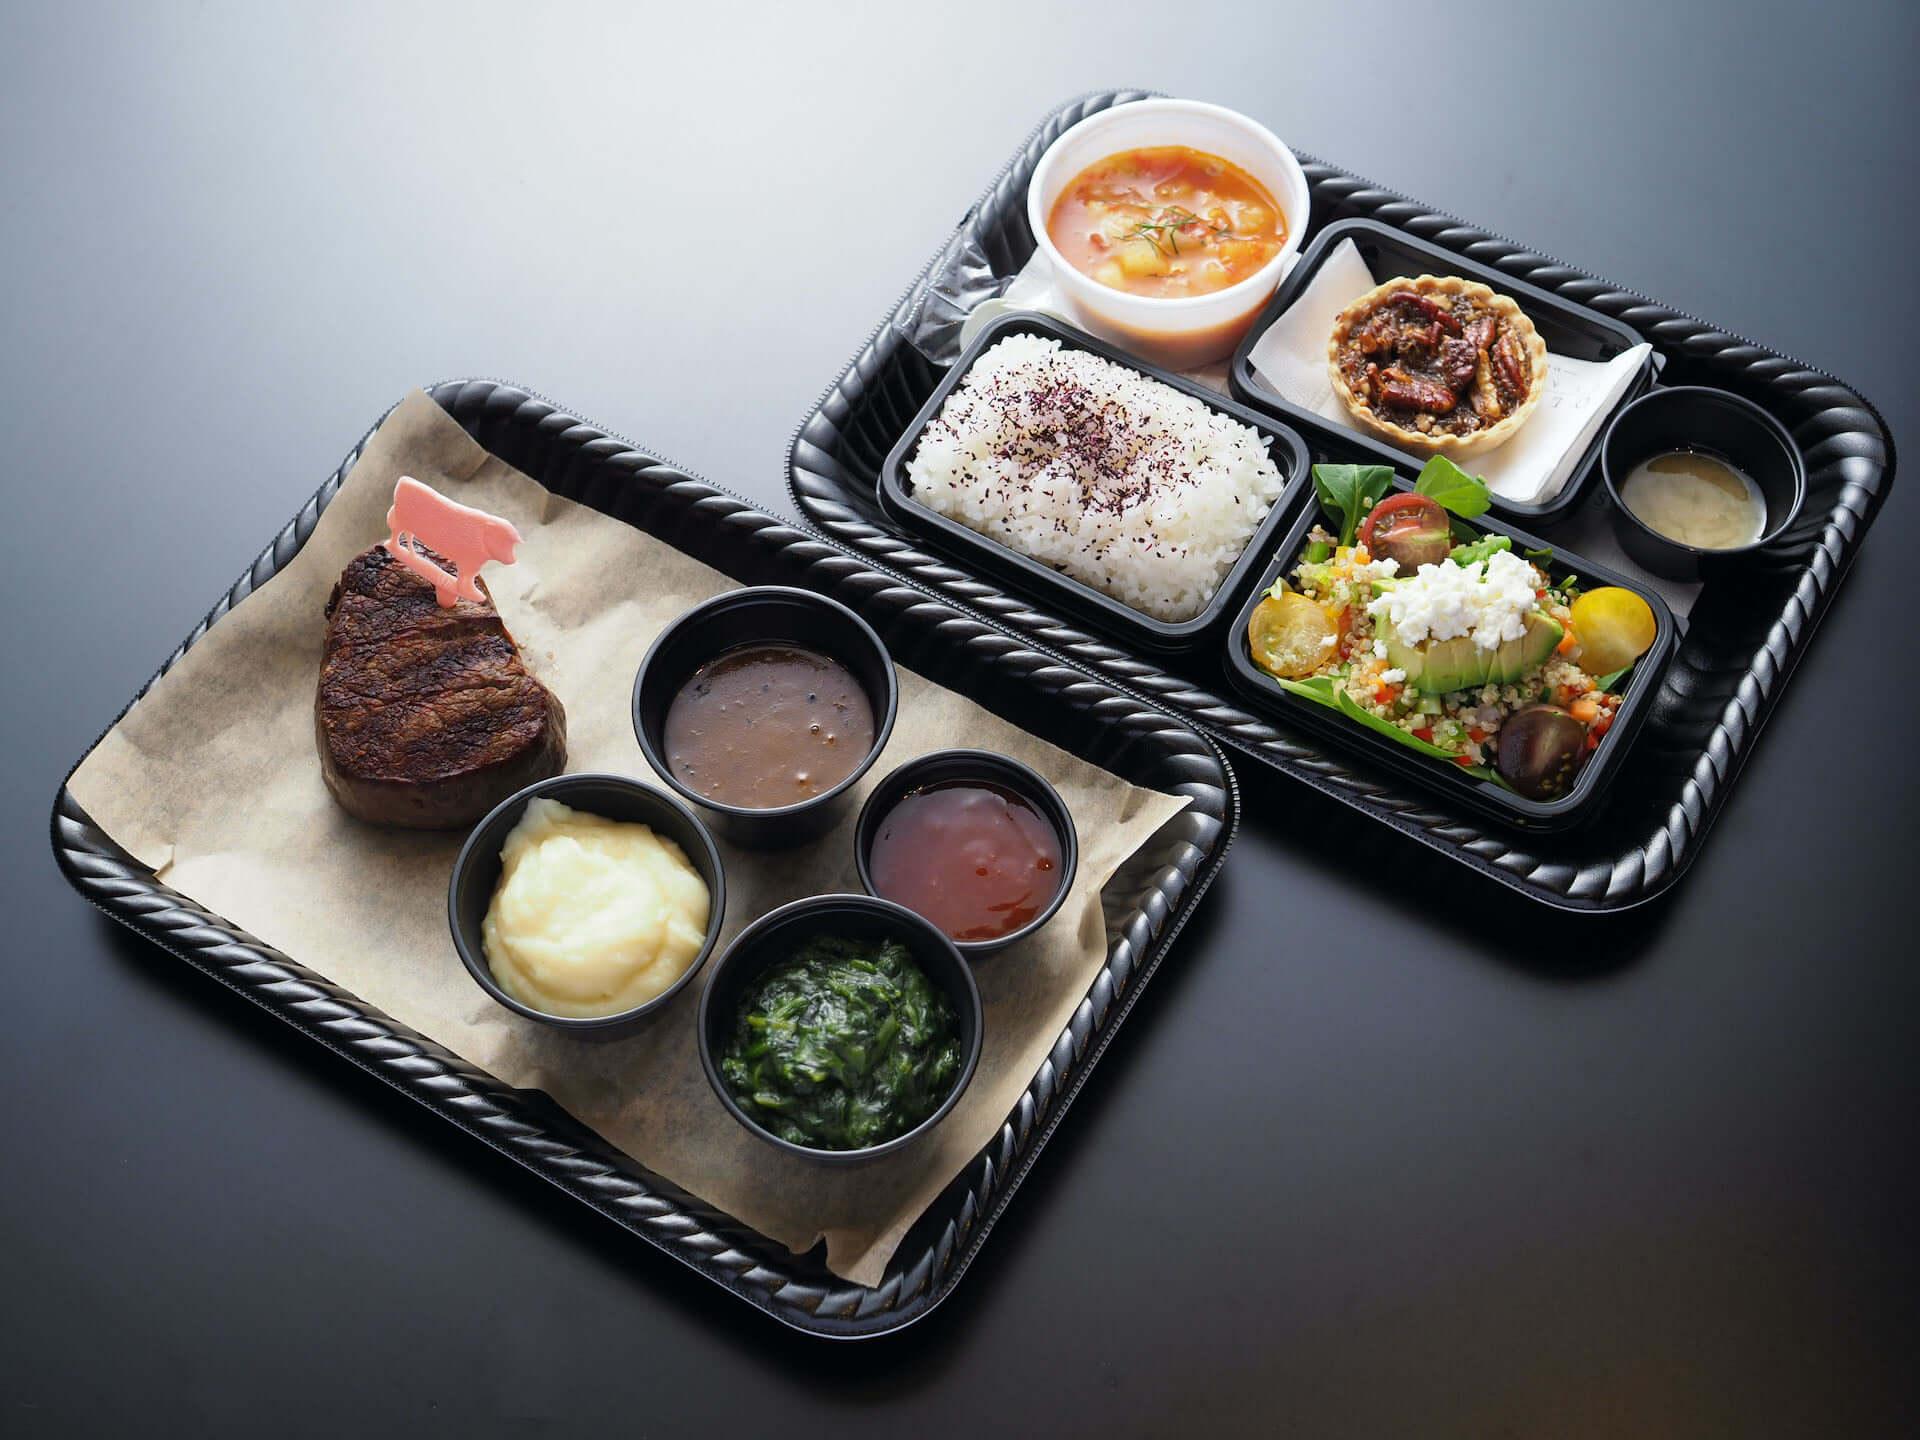 """おうちご飯に""""プライムグレード""""のお肉を!NY発ウルフギャング・ステーキハウスの弁当がテイクアウト限定で発売 gourmet200529_wolfgang_steak_6-1920x1440"""